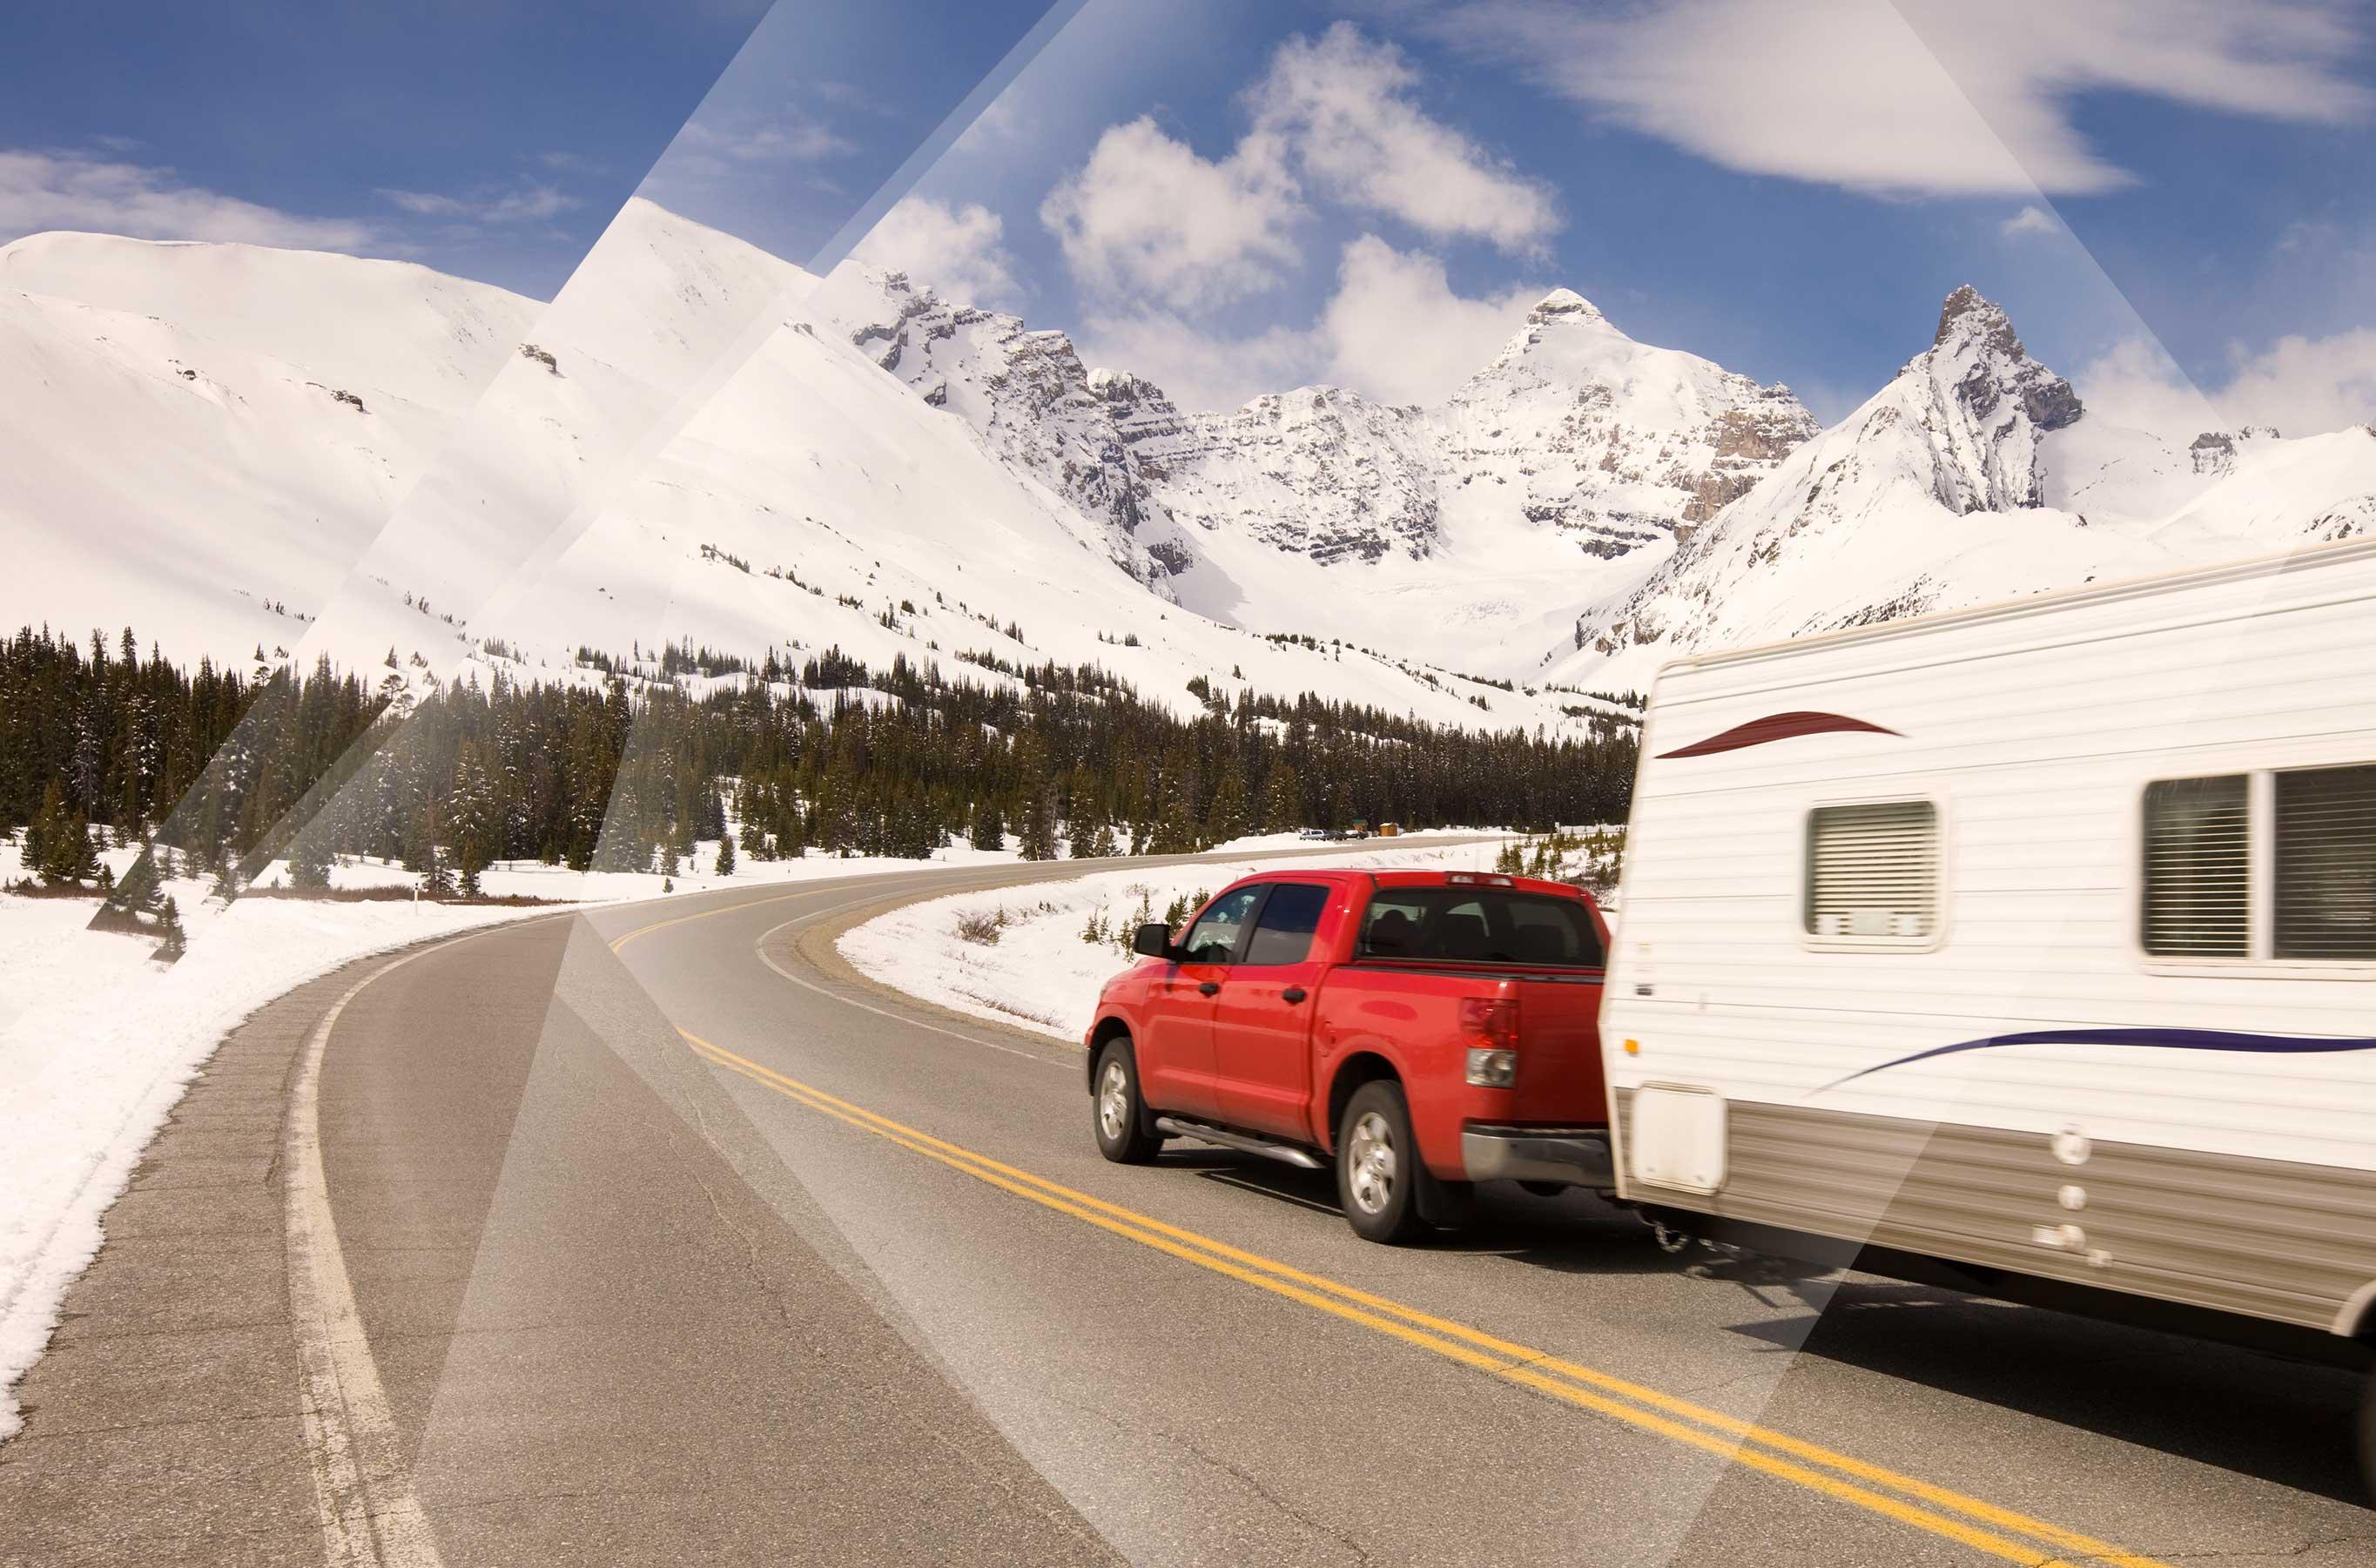 Kjøpe campingvogn? Derfor bør du gjøre det i vinter